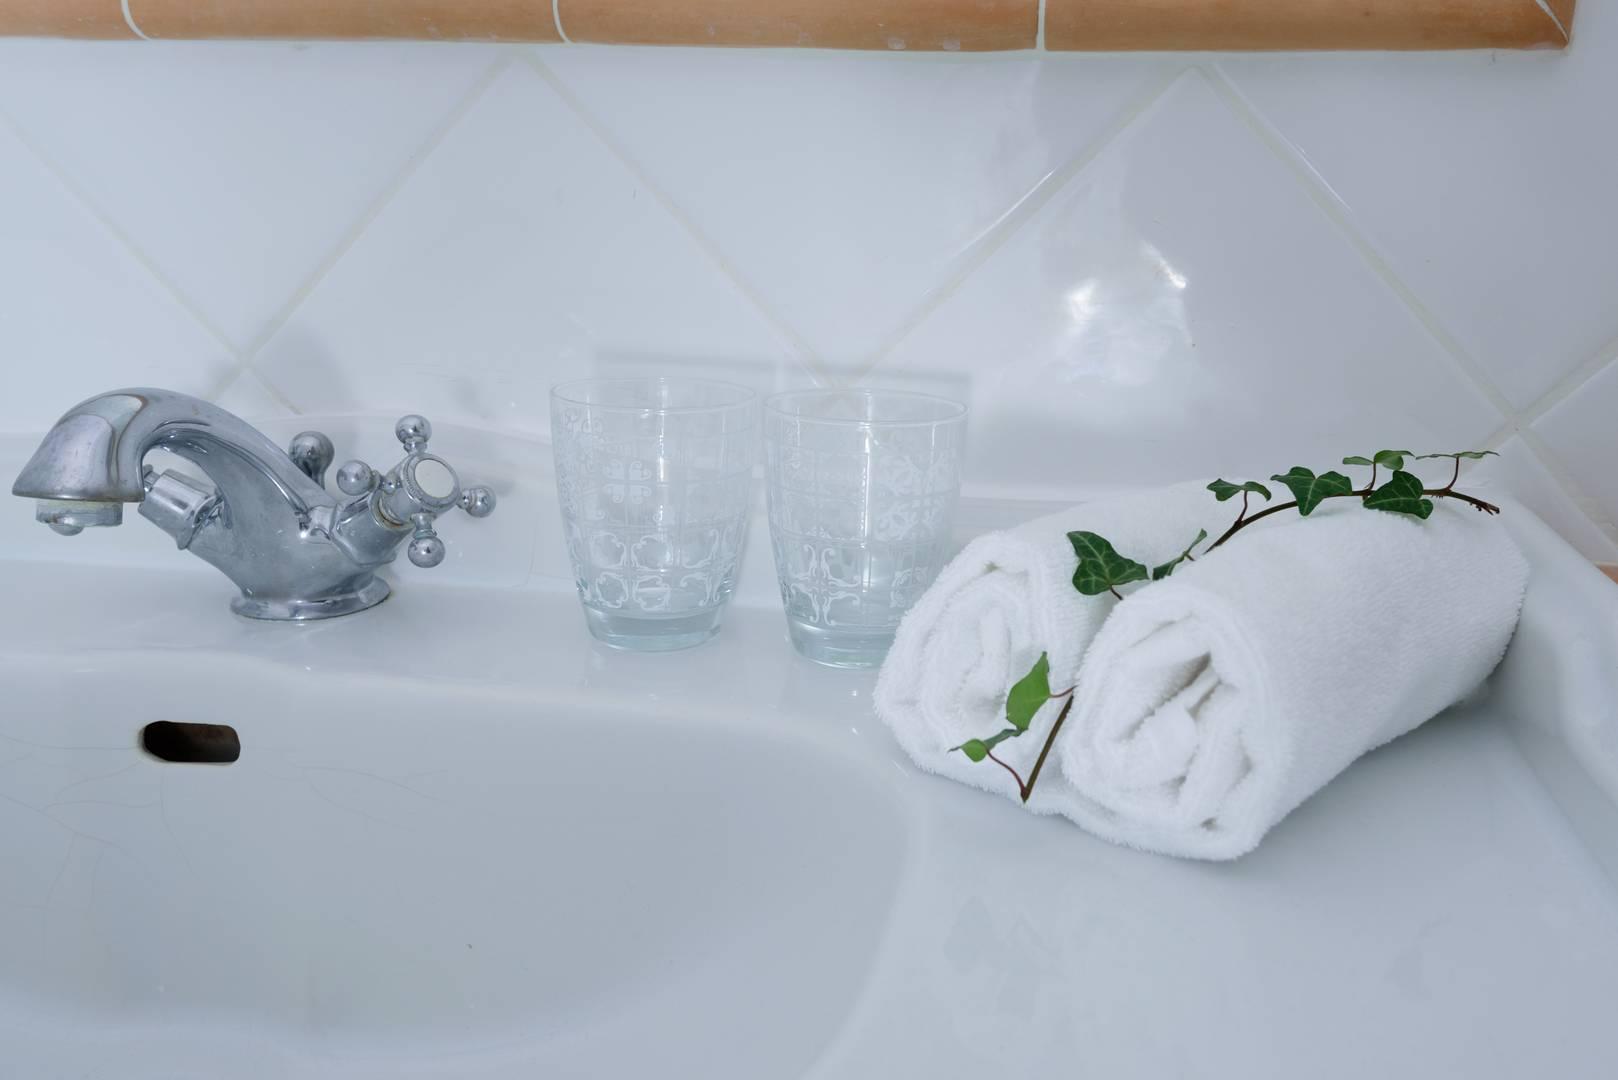 Serviette de bain Hotel Belesso 3 étoiles en Provence